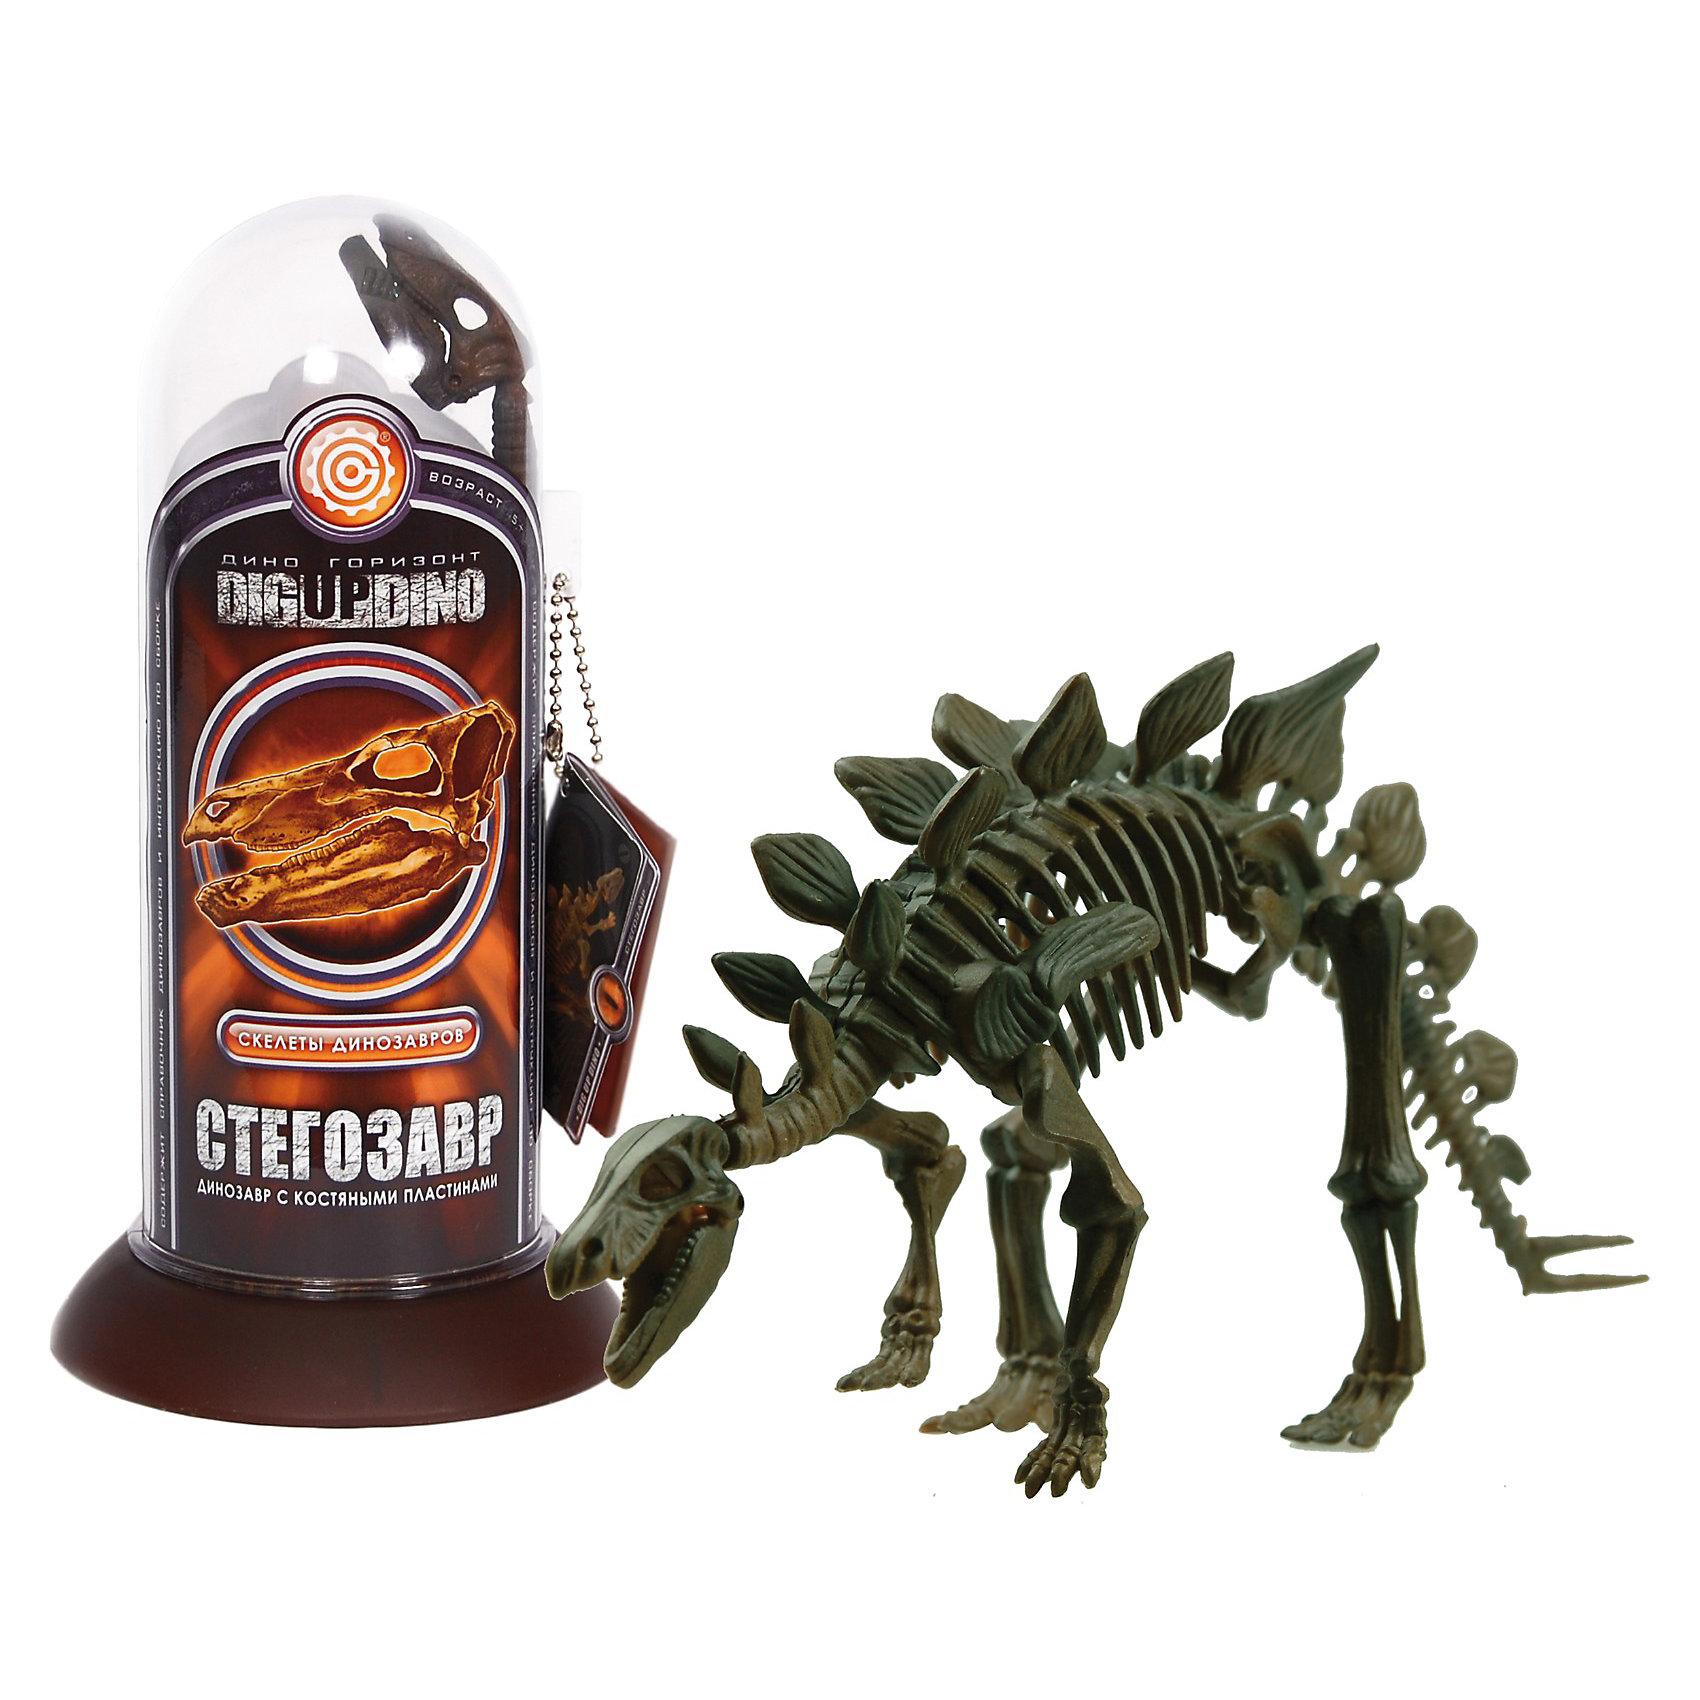 Раскопки: Стегозавр (Скелет самого крупного чешуйчатого динозавра)